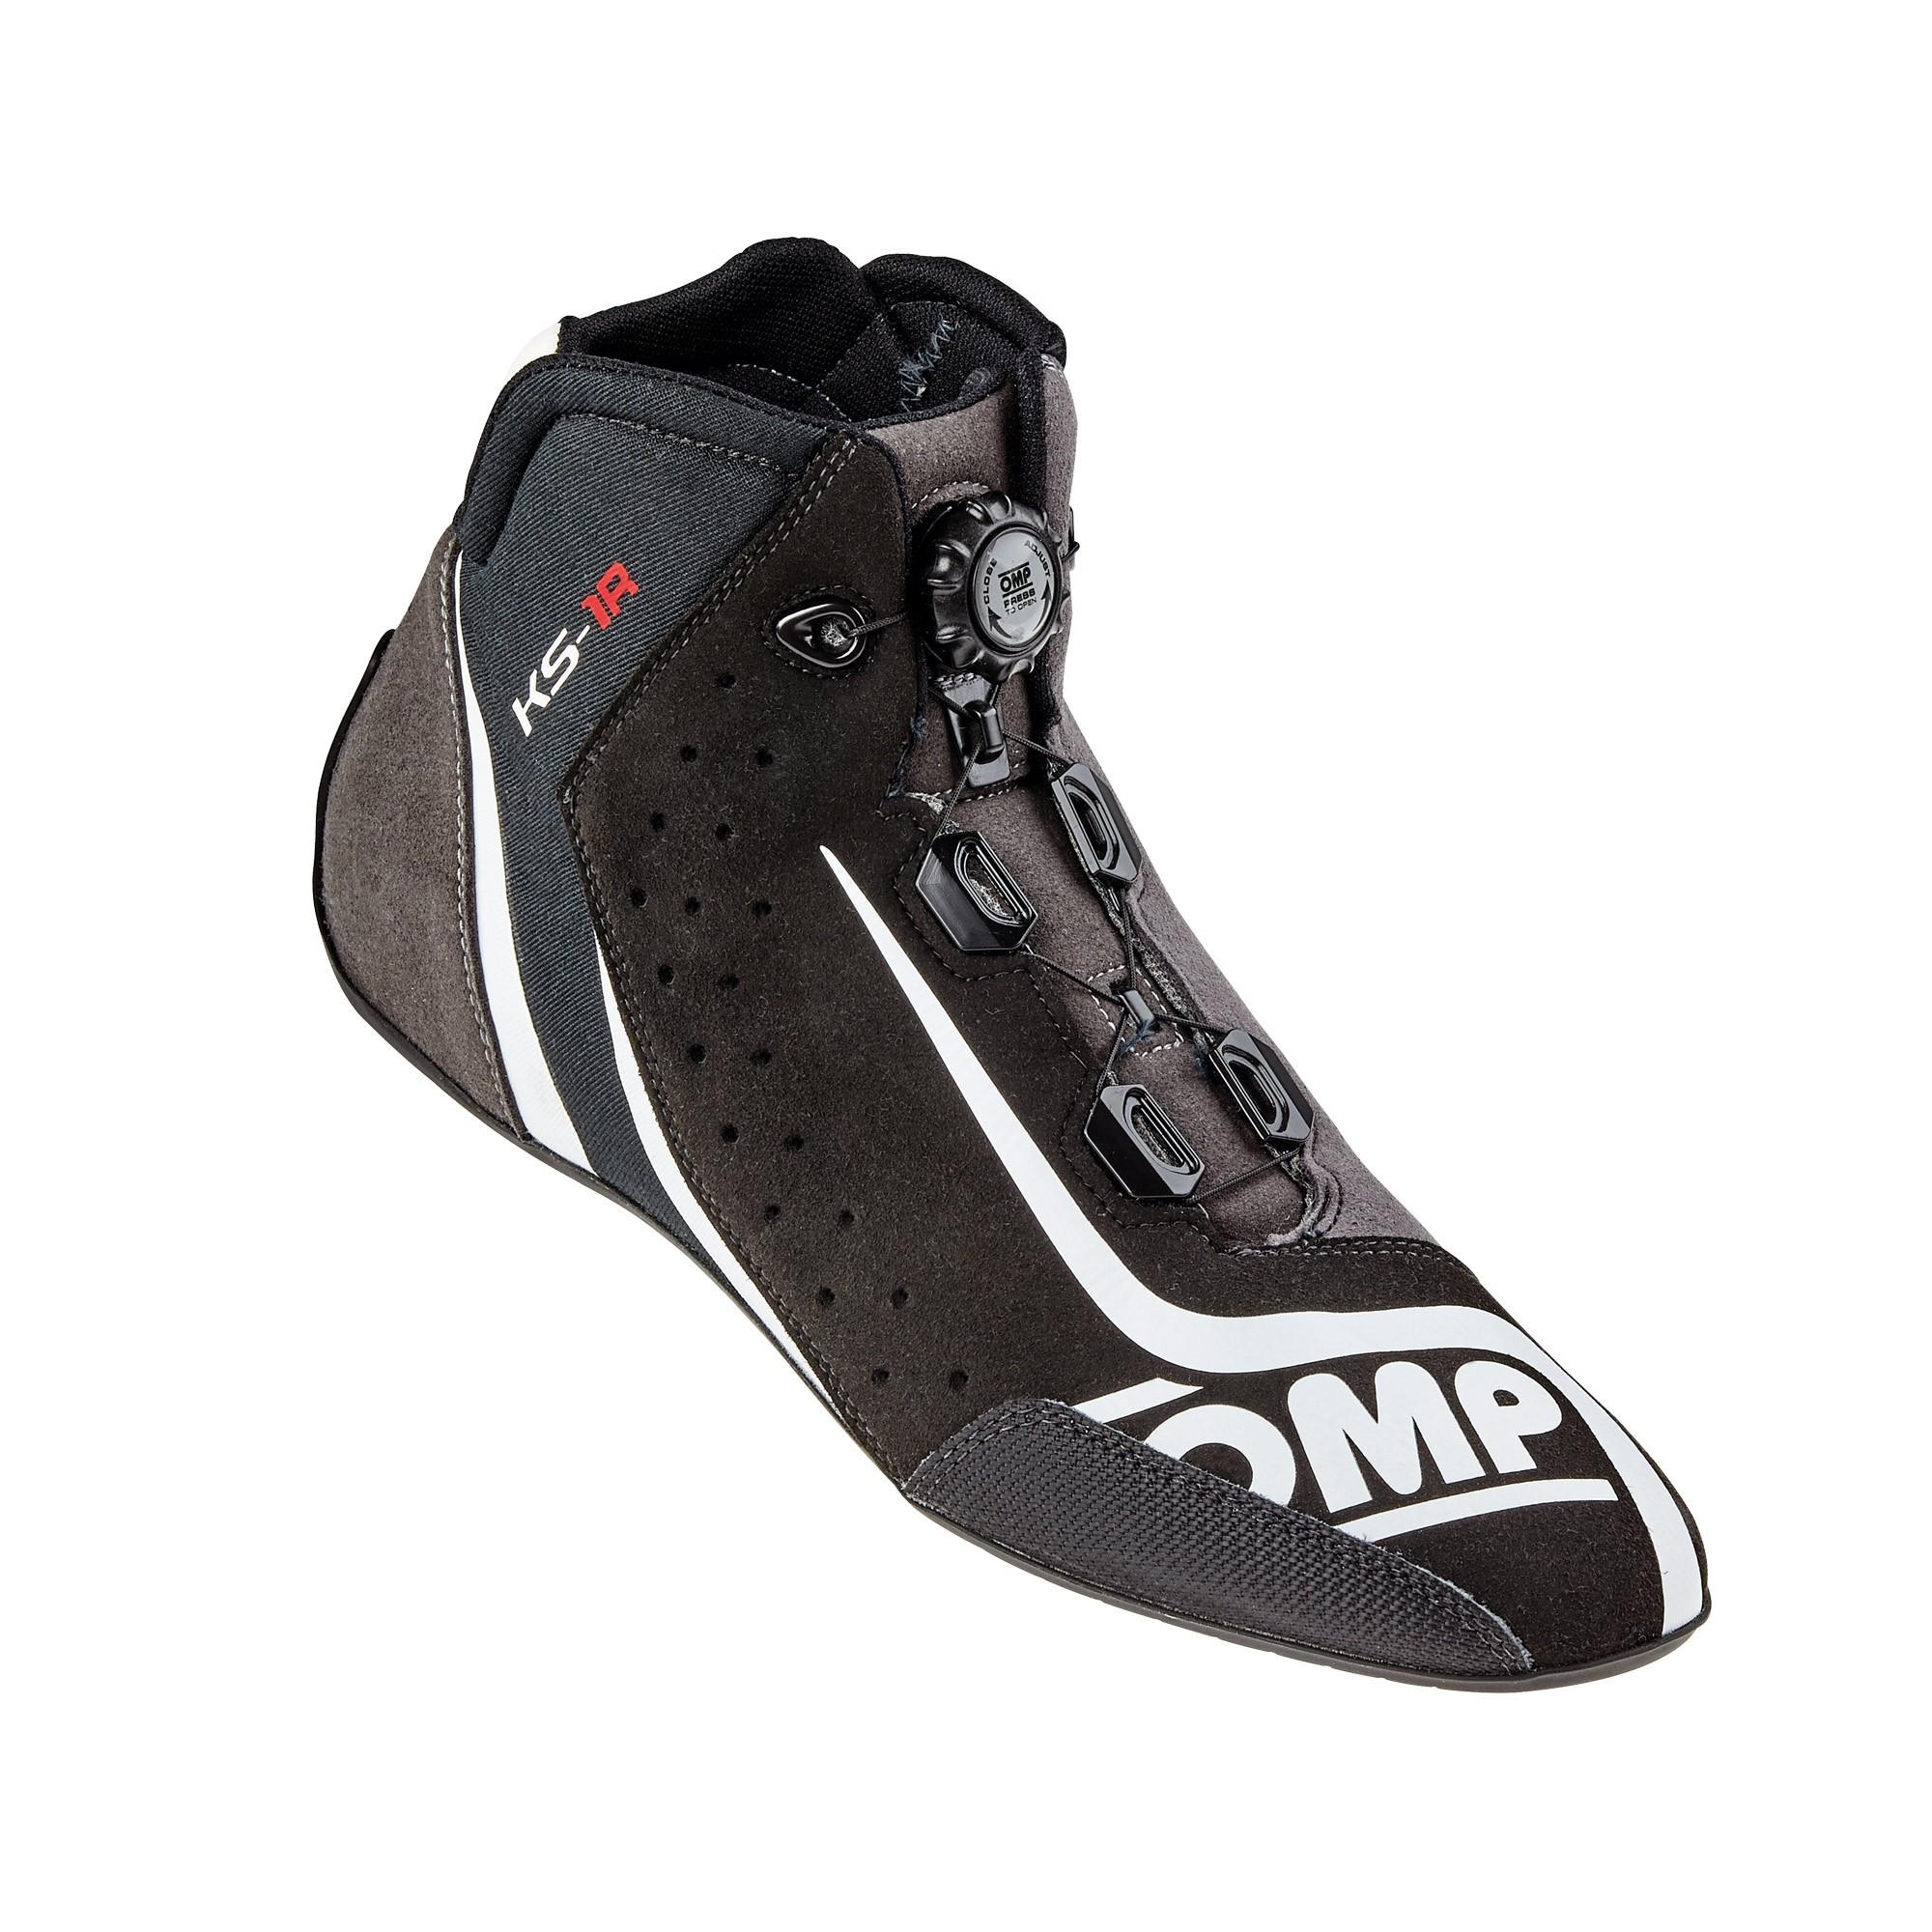 OMP Shoes for Go Kart